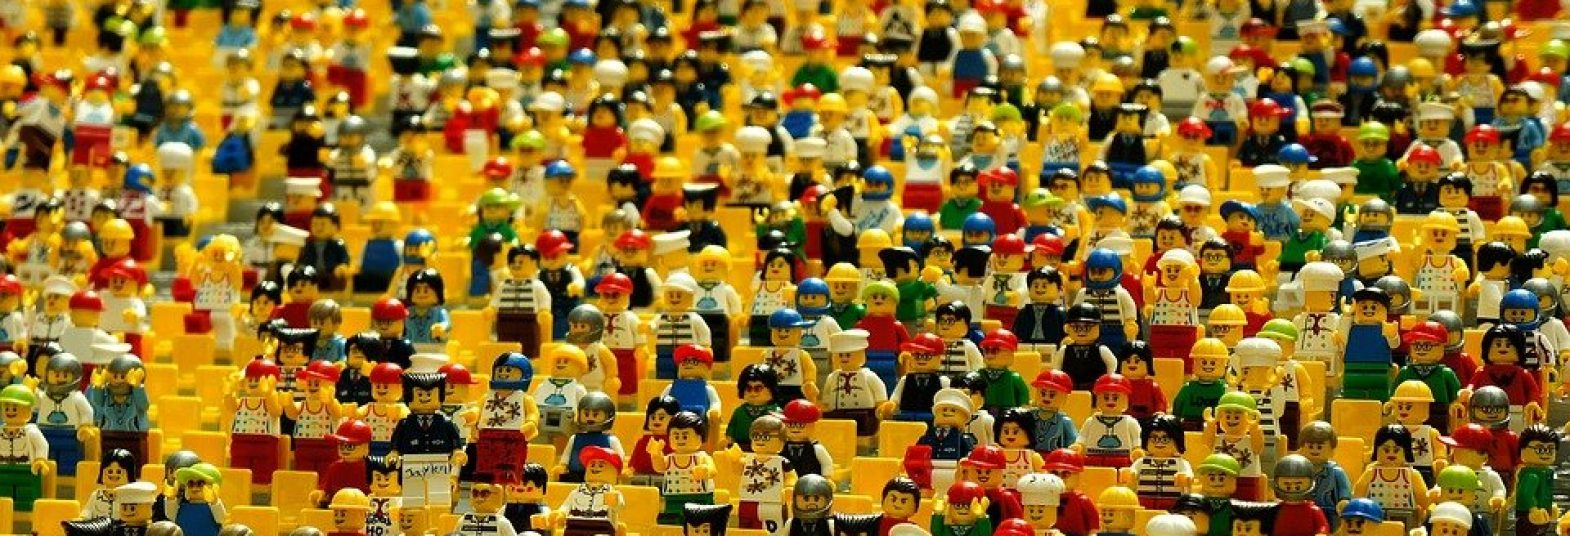 crowdsourcing è il nuovo lavoro gratis